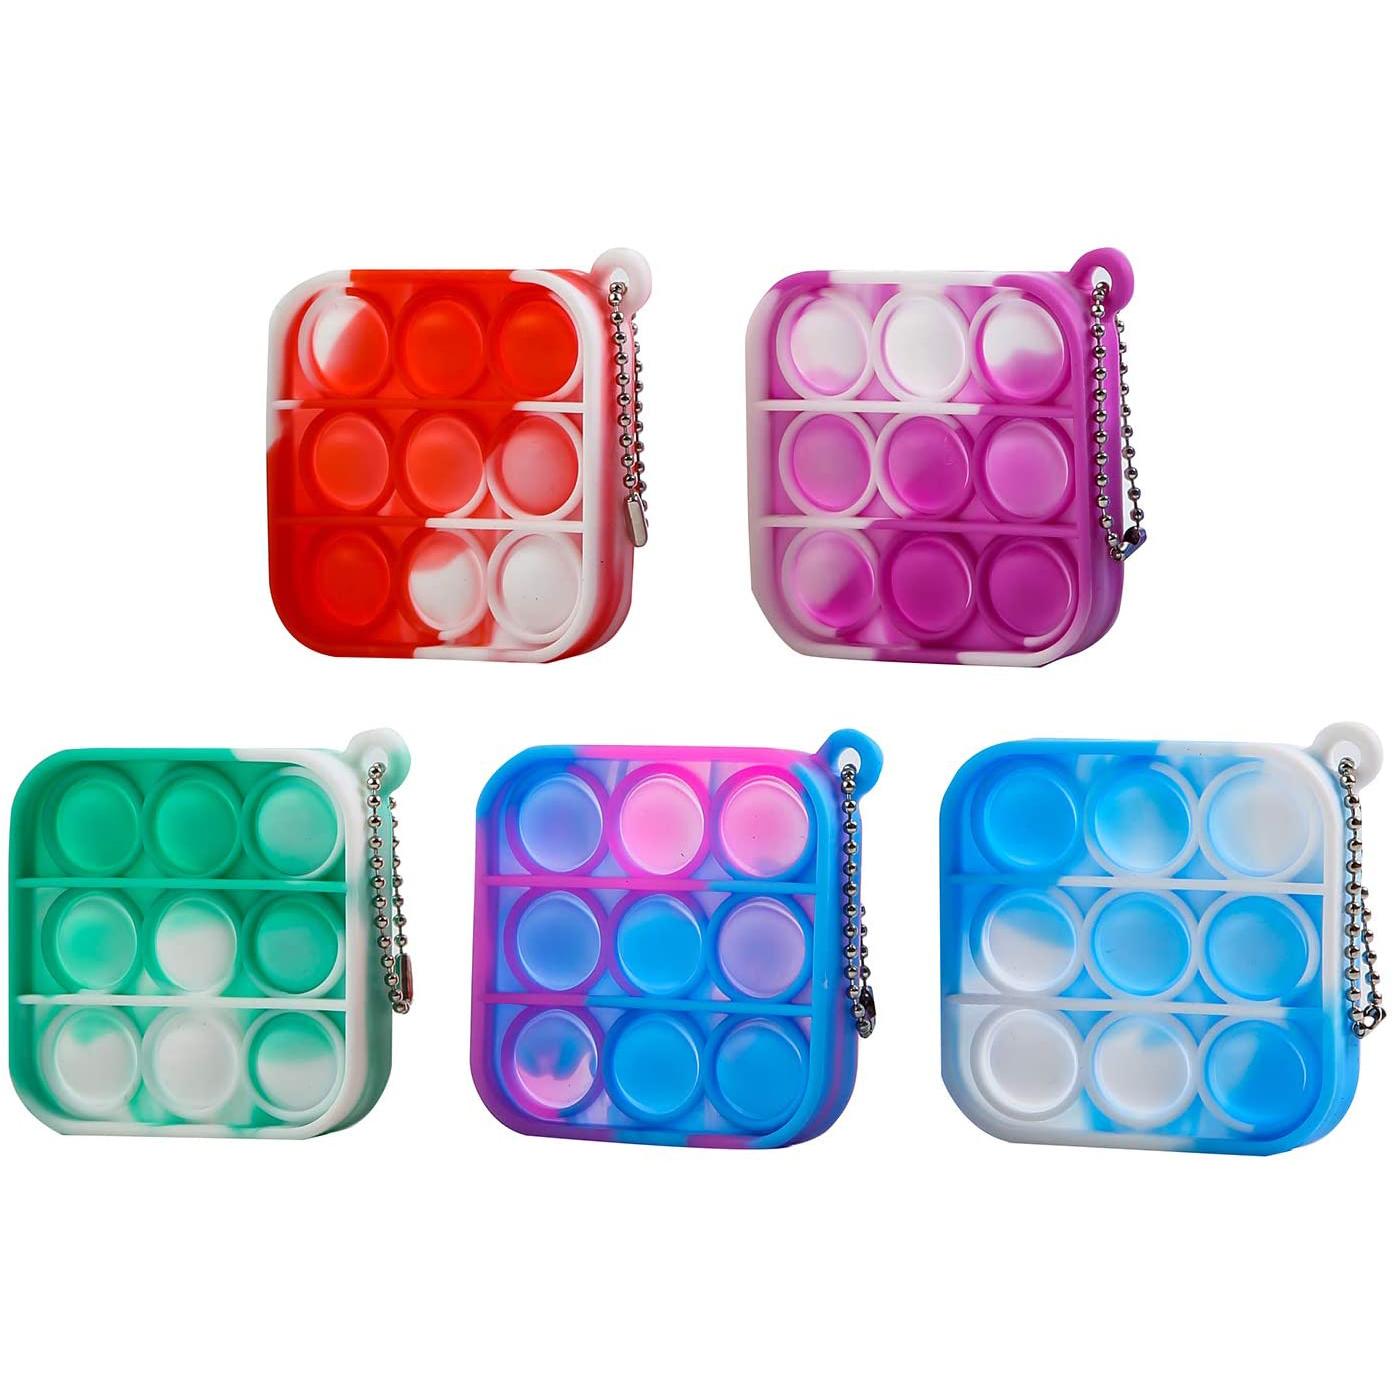 Binglala Simple Fidget Toy Pop